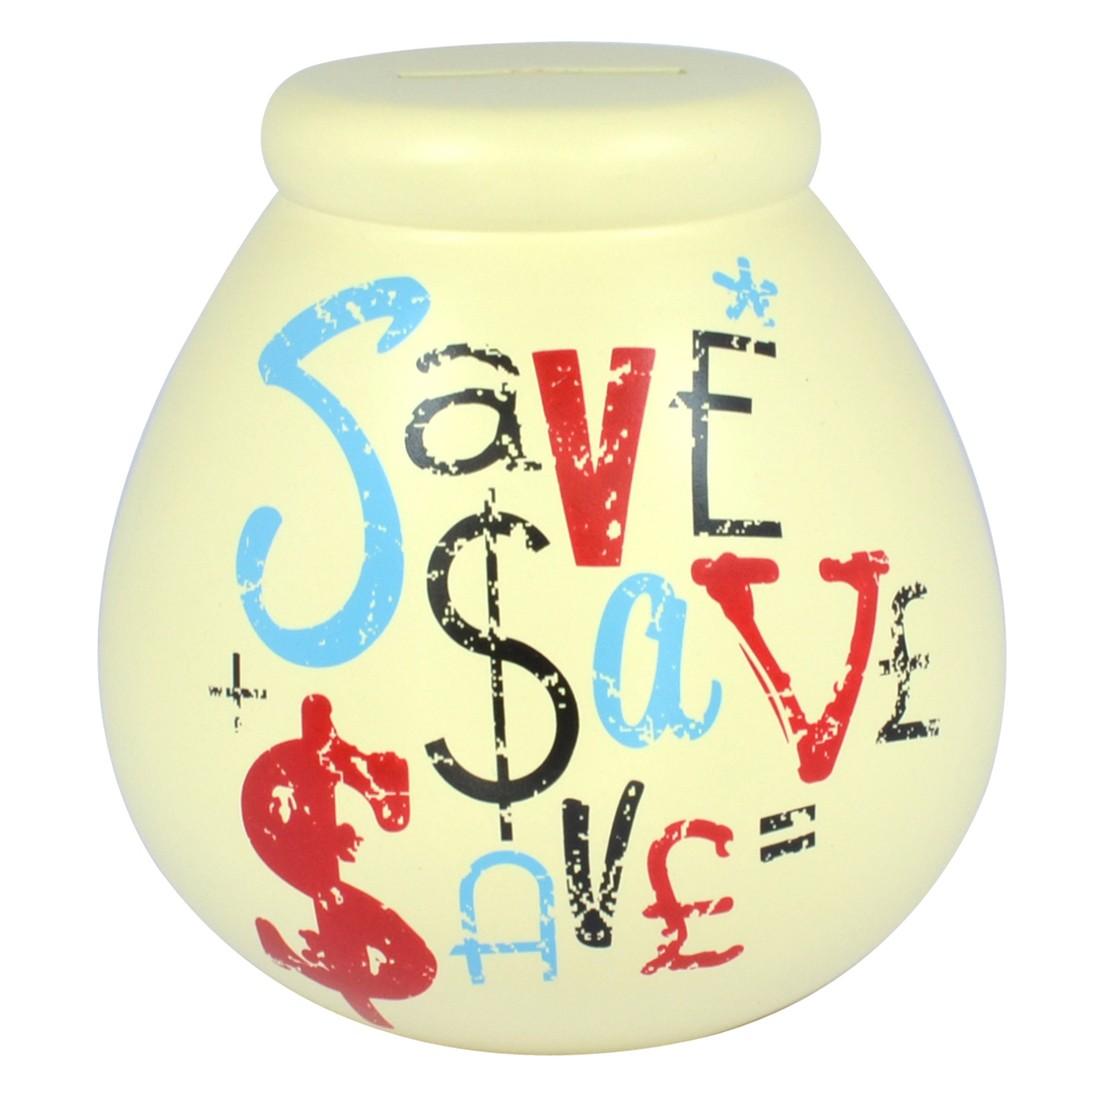 Pot of Dreams - Save Save Save Money Pot